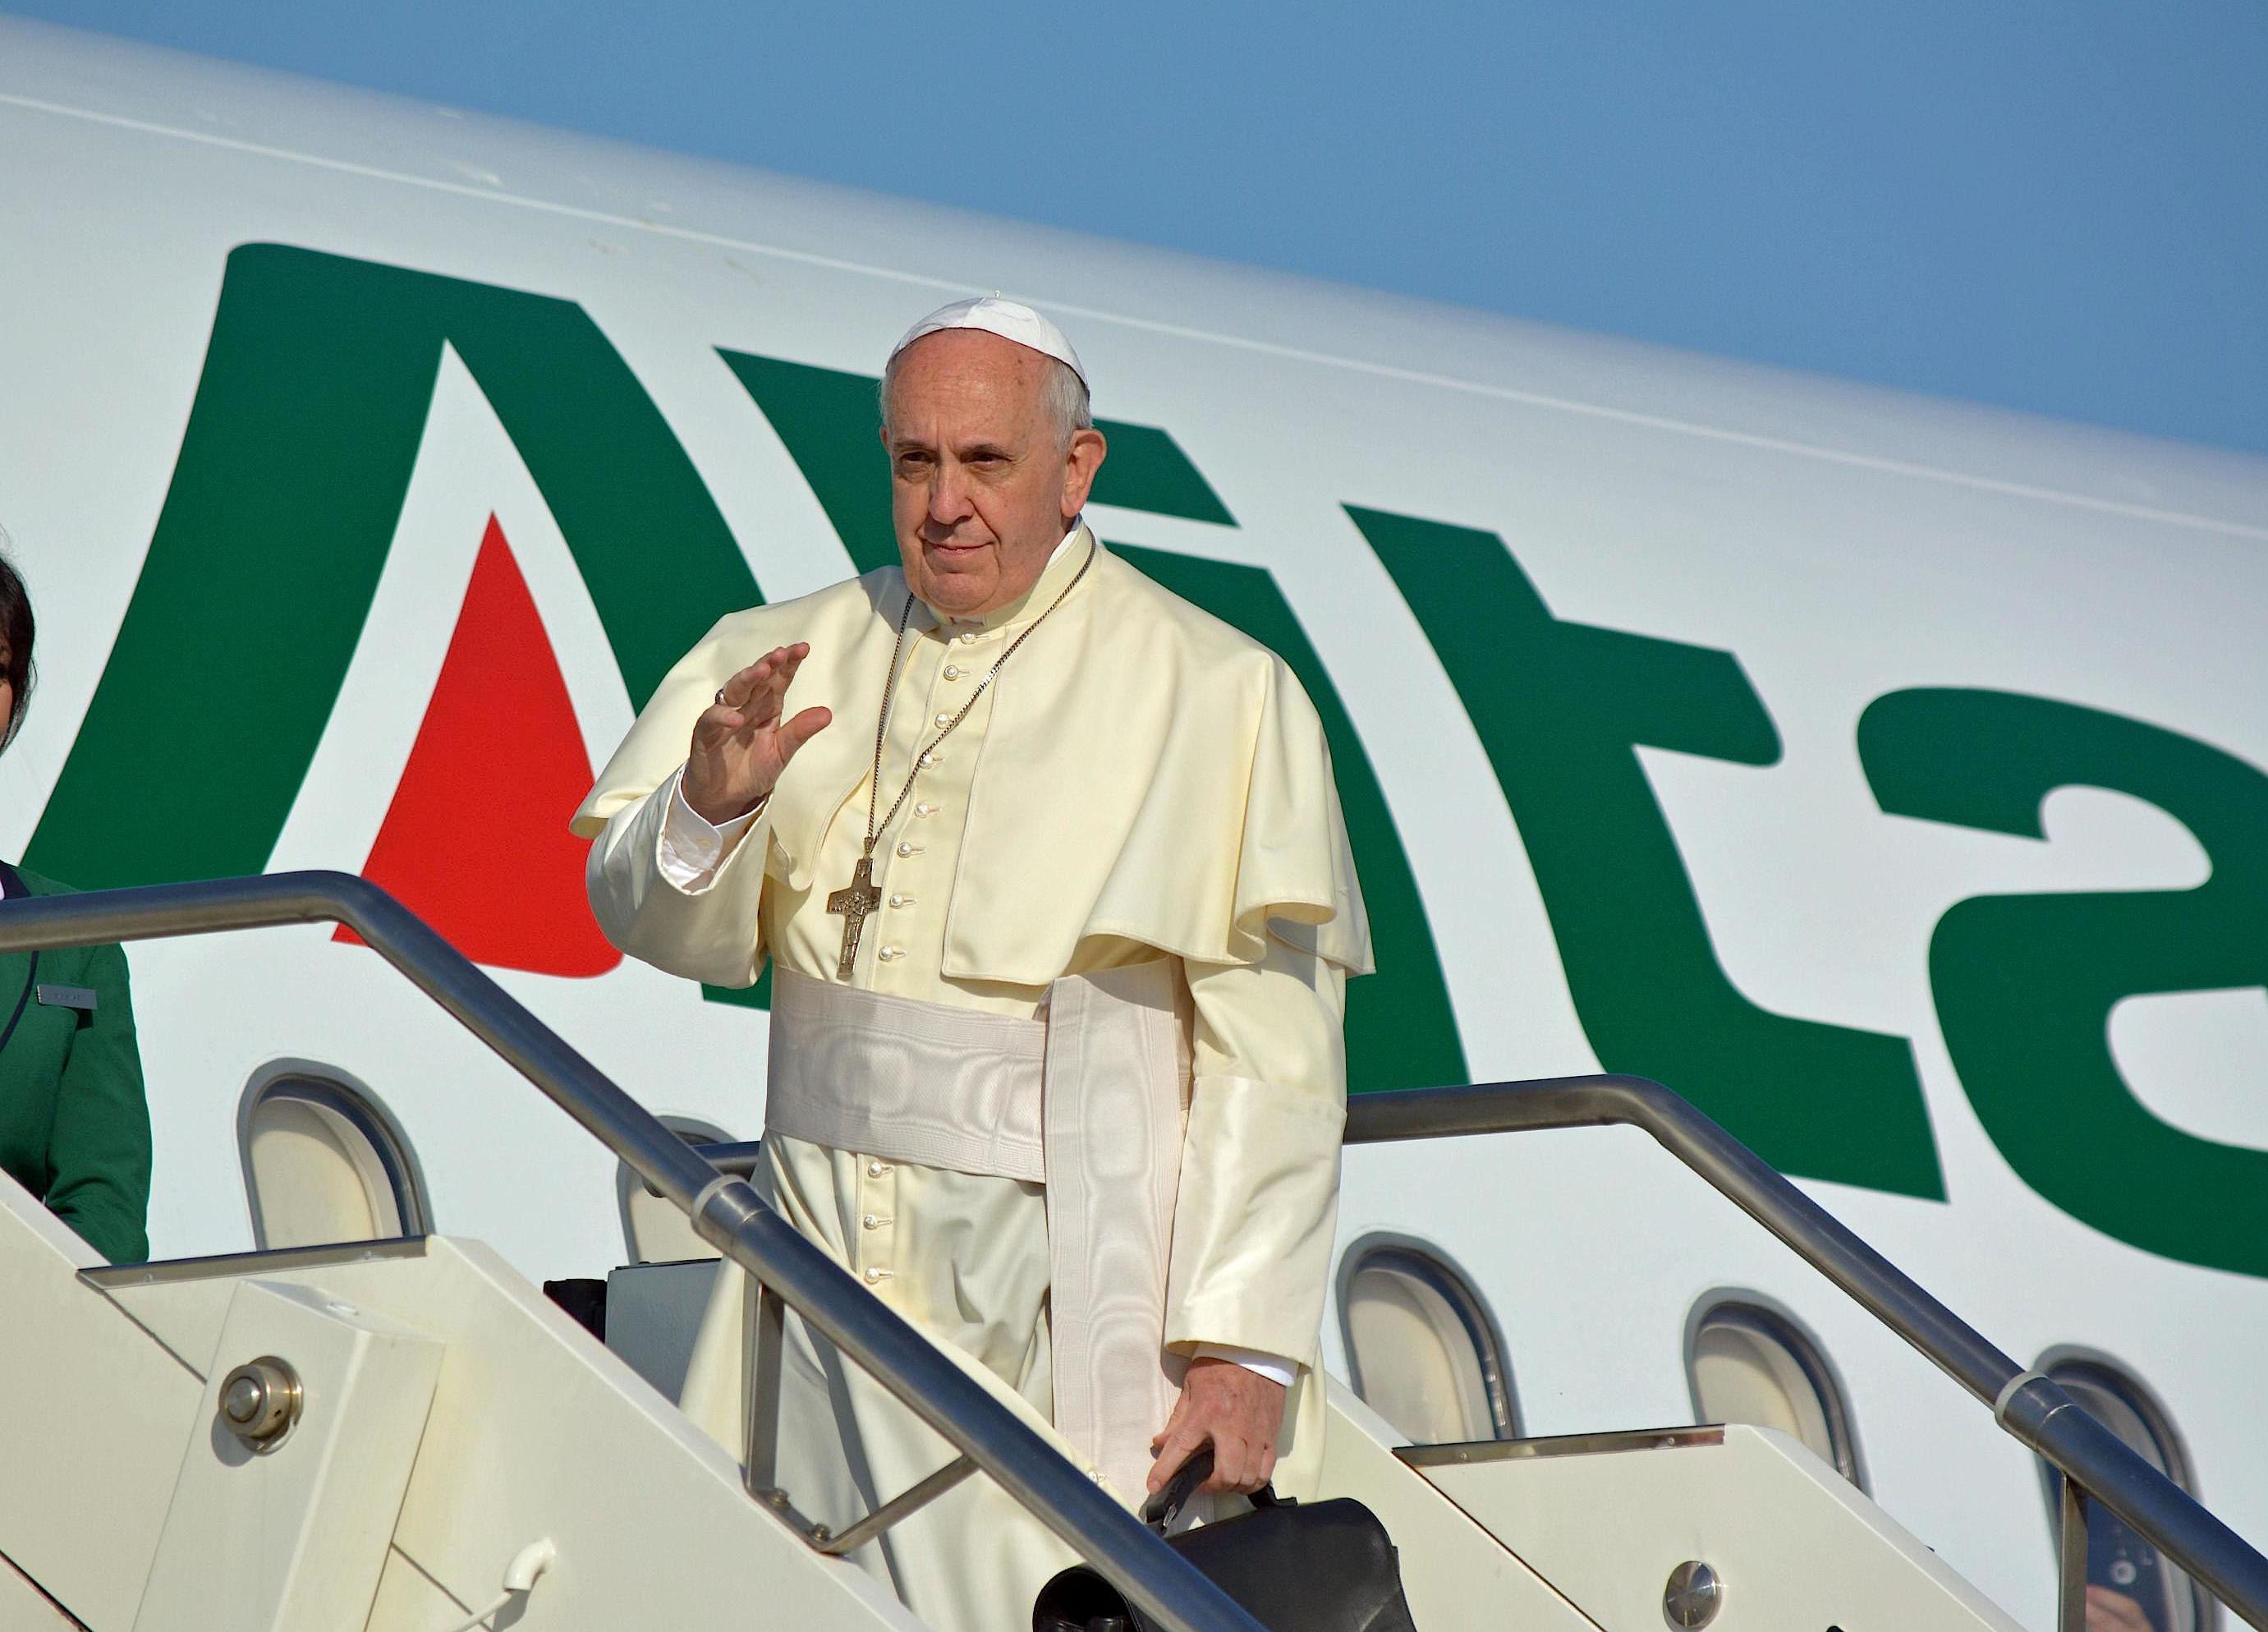 Pope Francesco greets before boarding Alitalia Airbus A321 for Amman at 'Leonardo da Vinci' international airport in Fiumicino